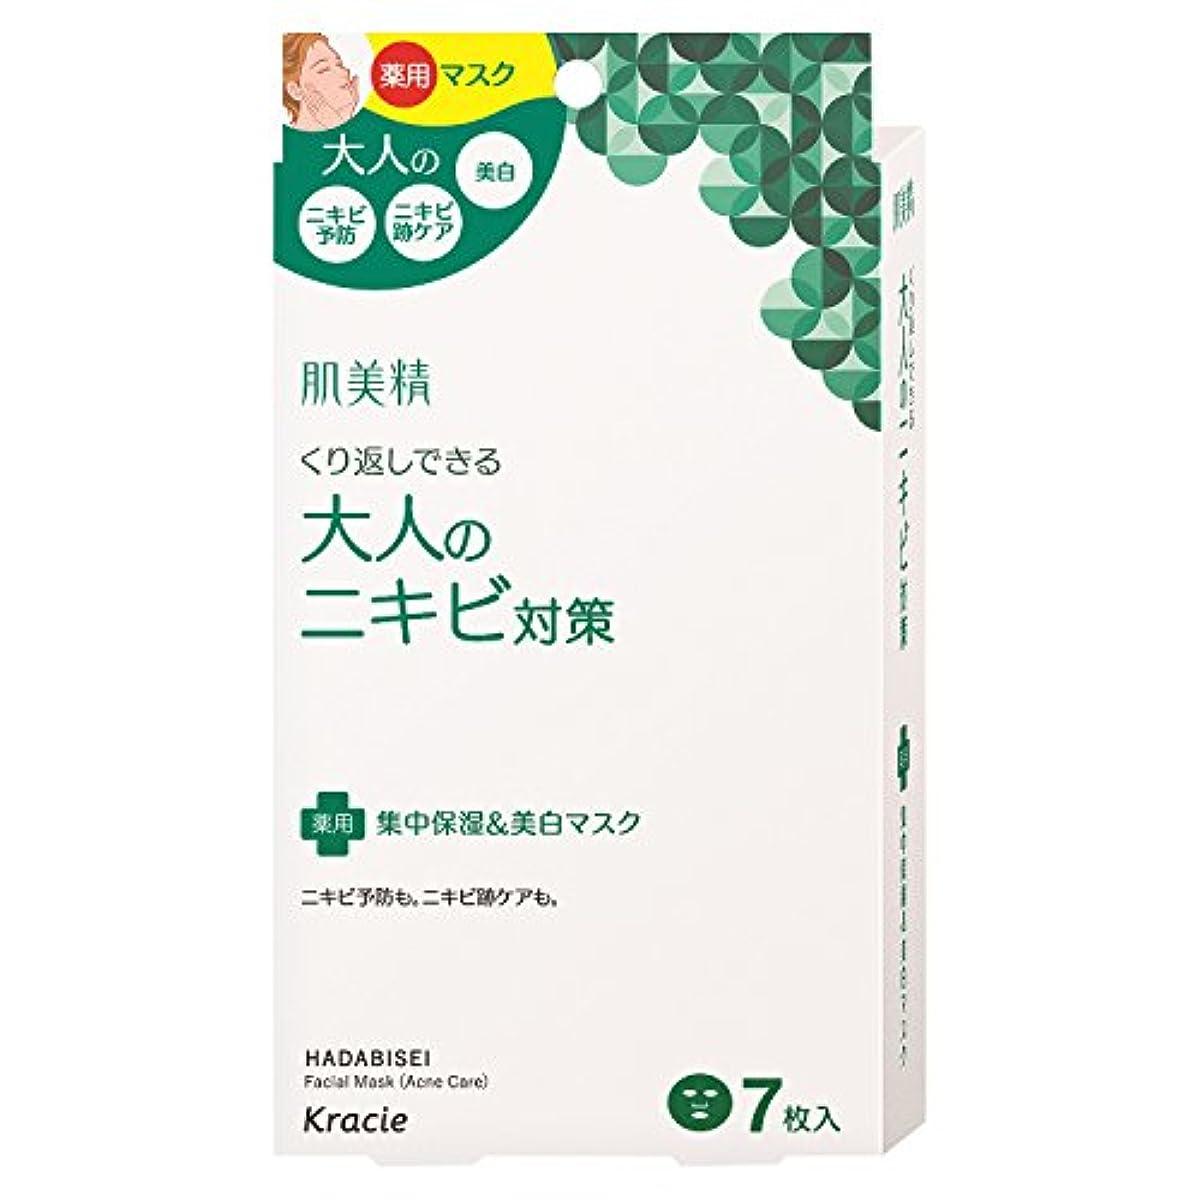 チョーク辛い表現肌美精 大人のニキビ対策 薬用集中保湿&美白マスク 7枚 (医薬部外品)